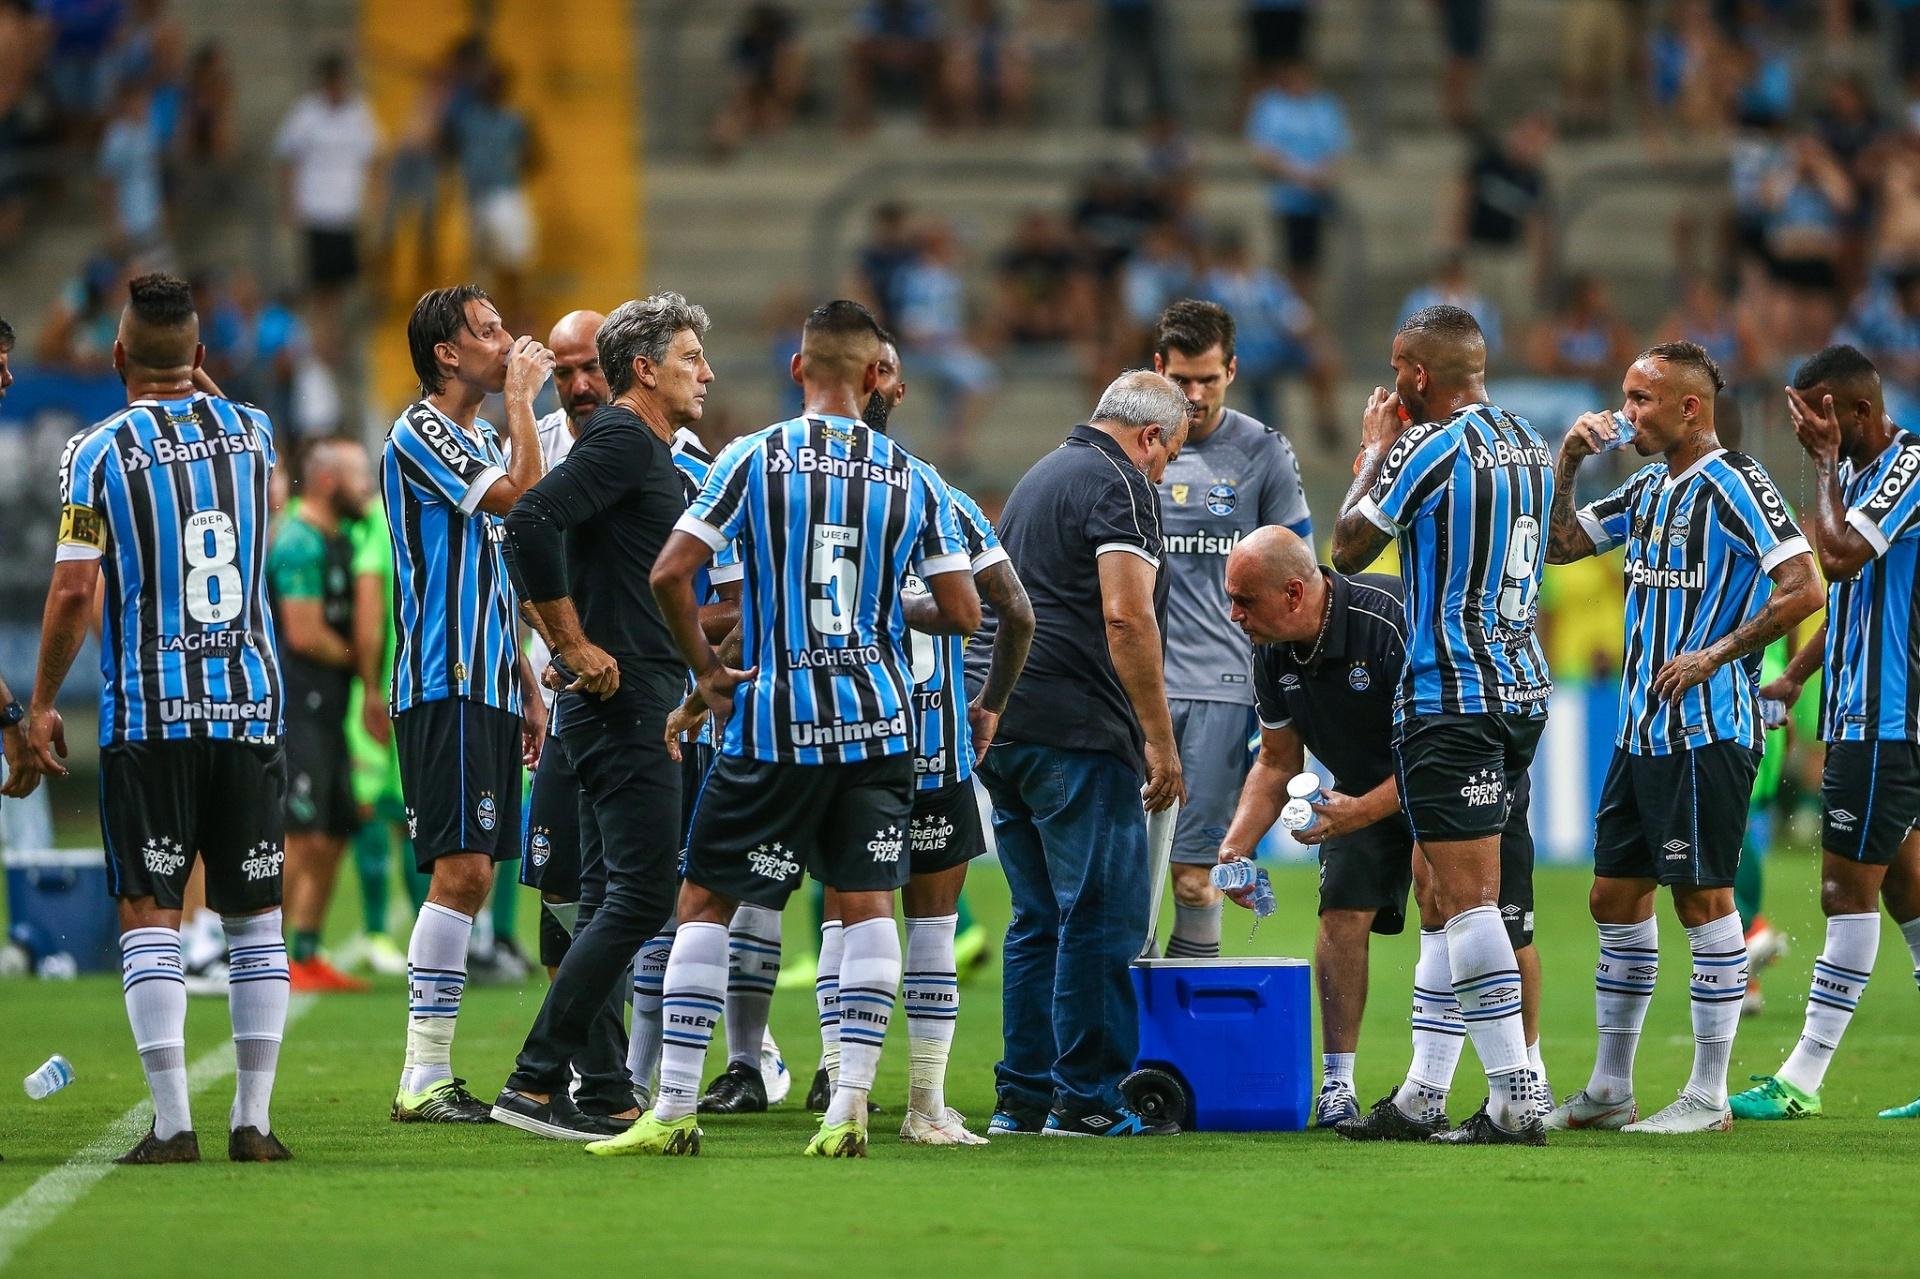 72709418a4 Grêmio elogia novo gramado da Arena. Renato lembra Copa América e alfineta  - Esporte - BOL